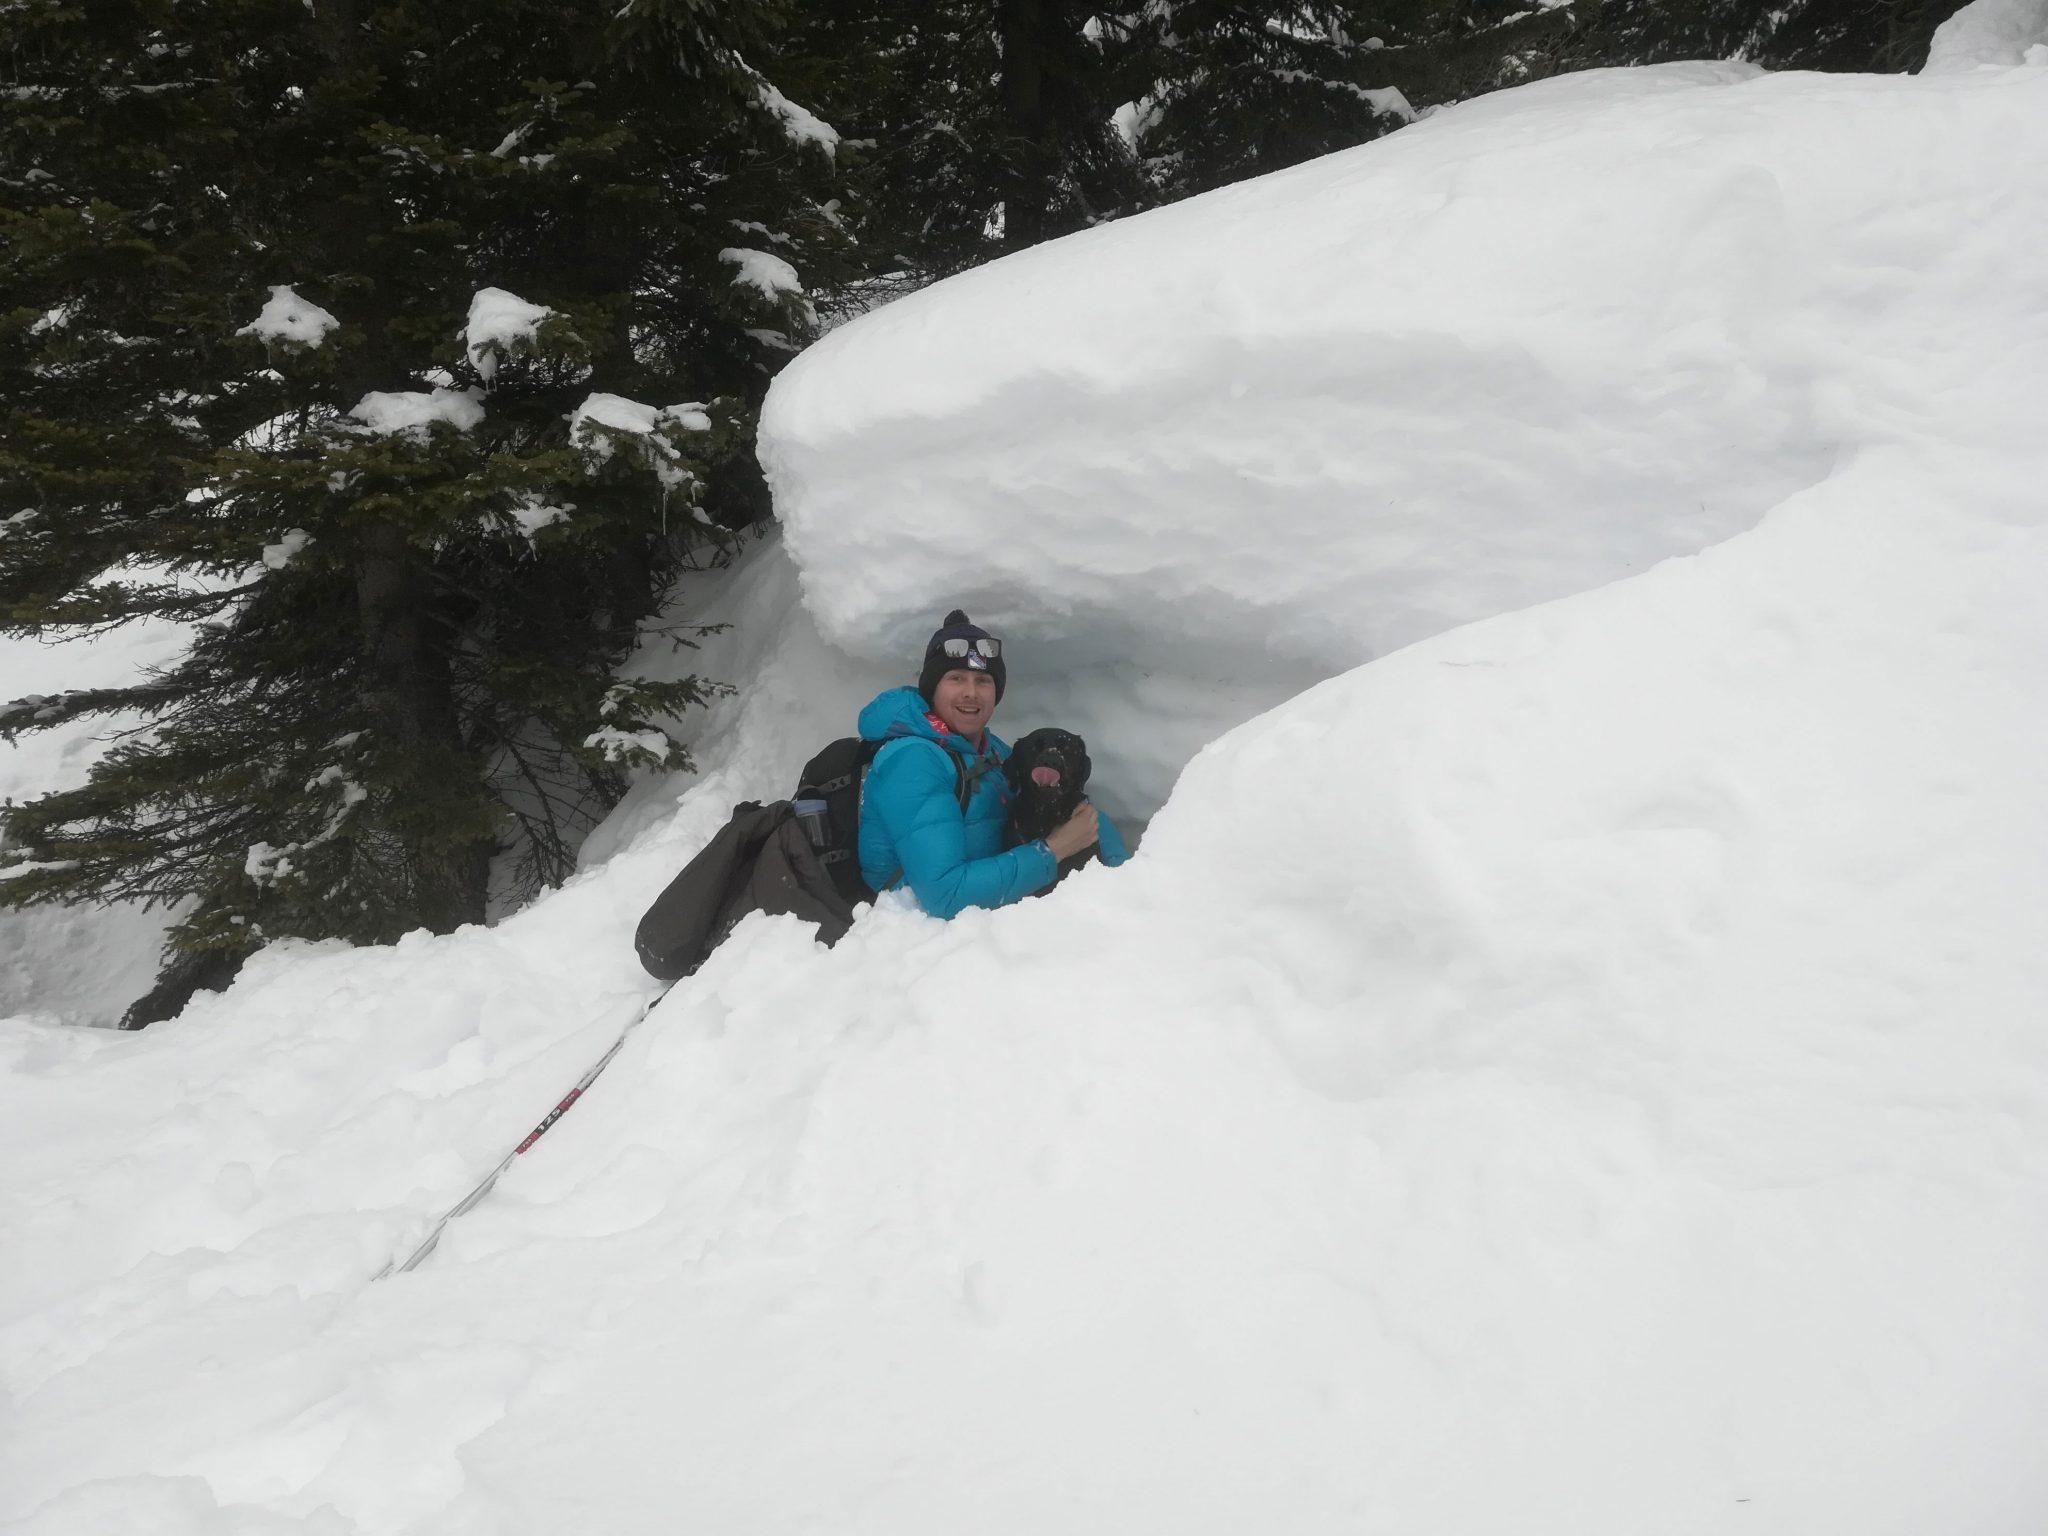 Schneehöhle mit Hund